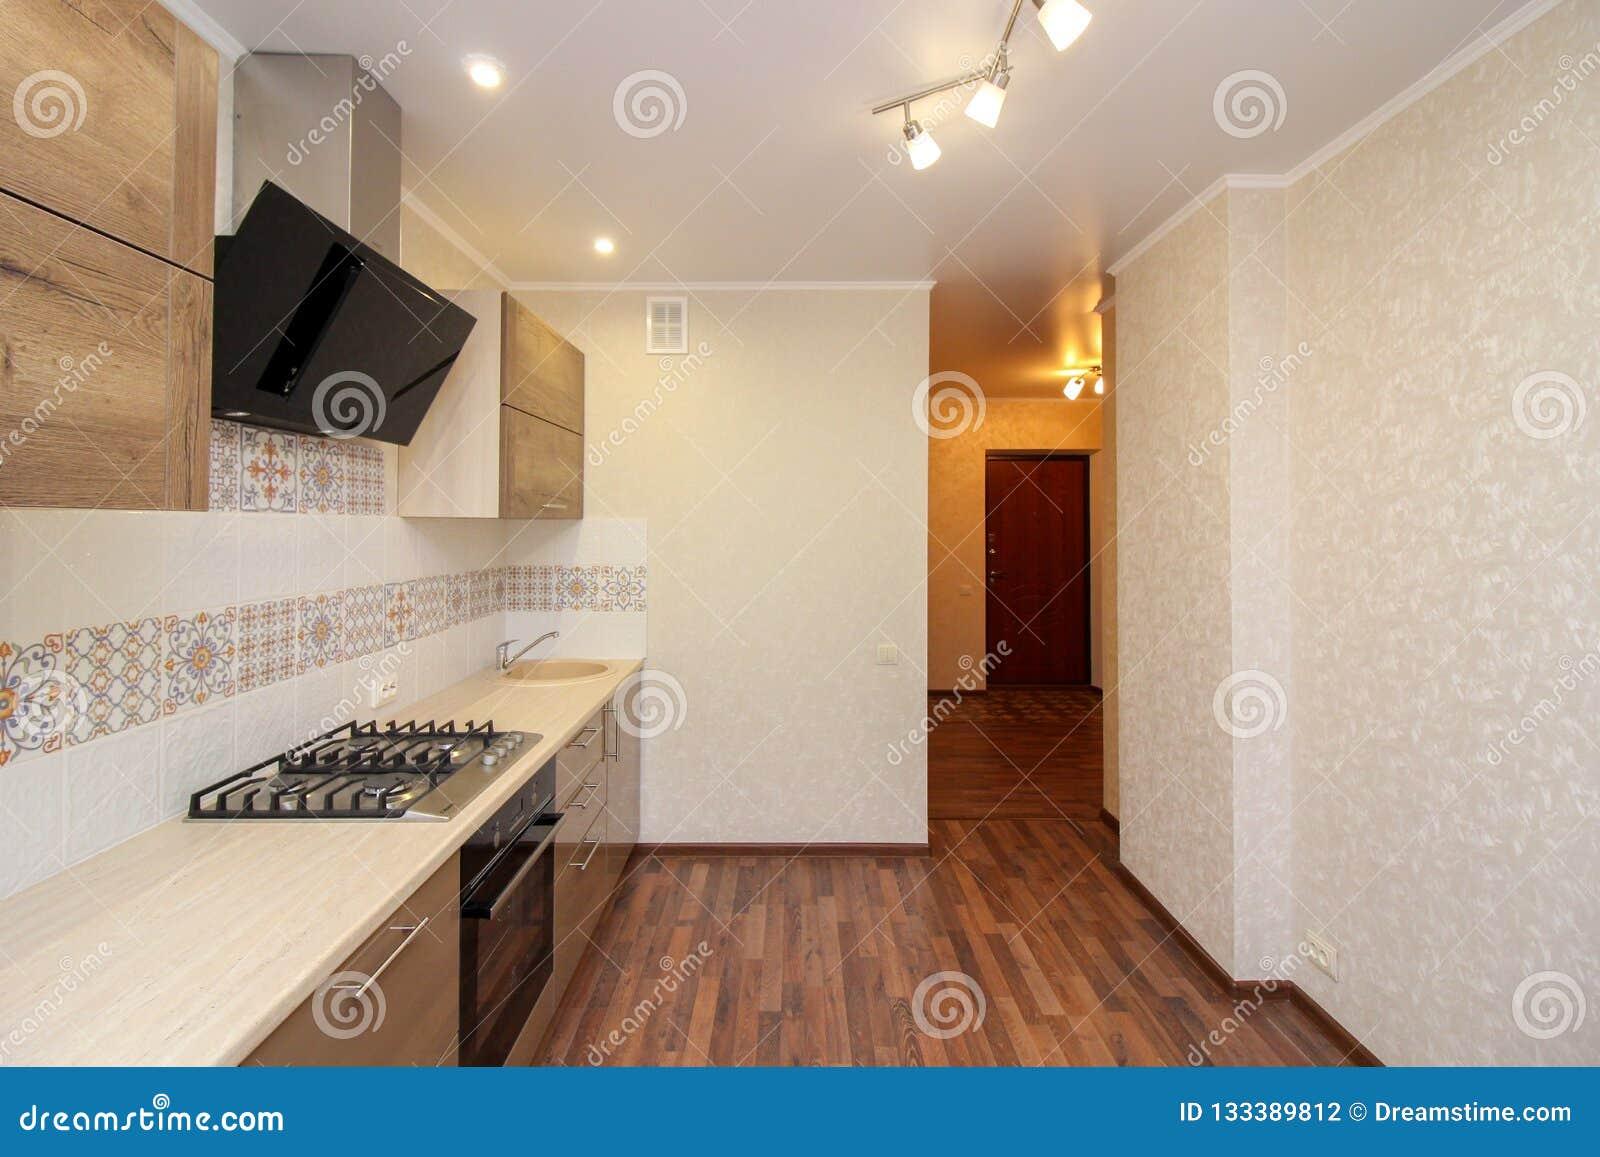 Cucina Moderna Con Le Lampade Moderne Fotografia Stock ...